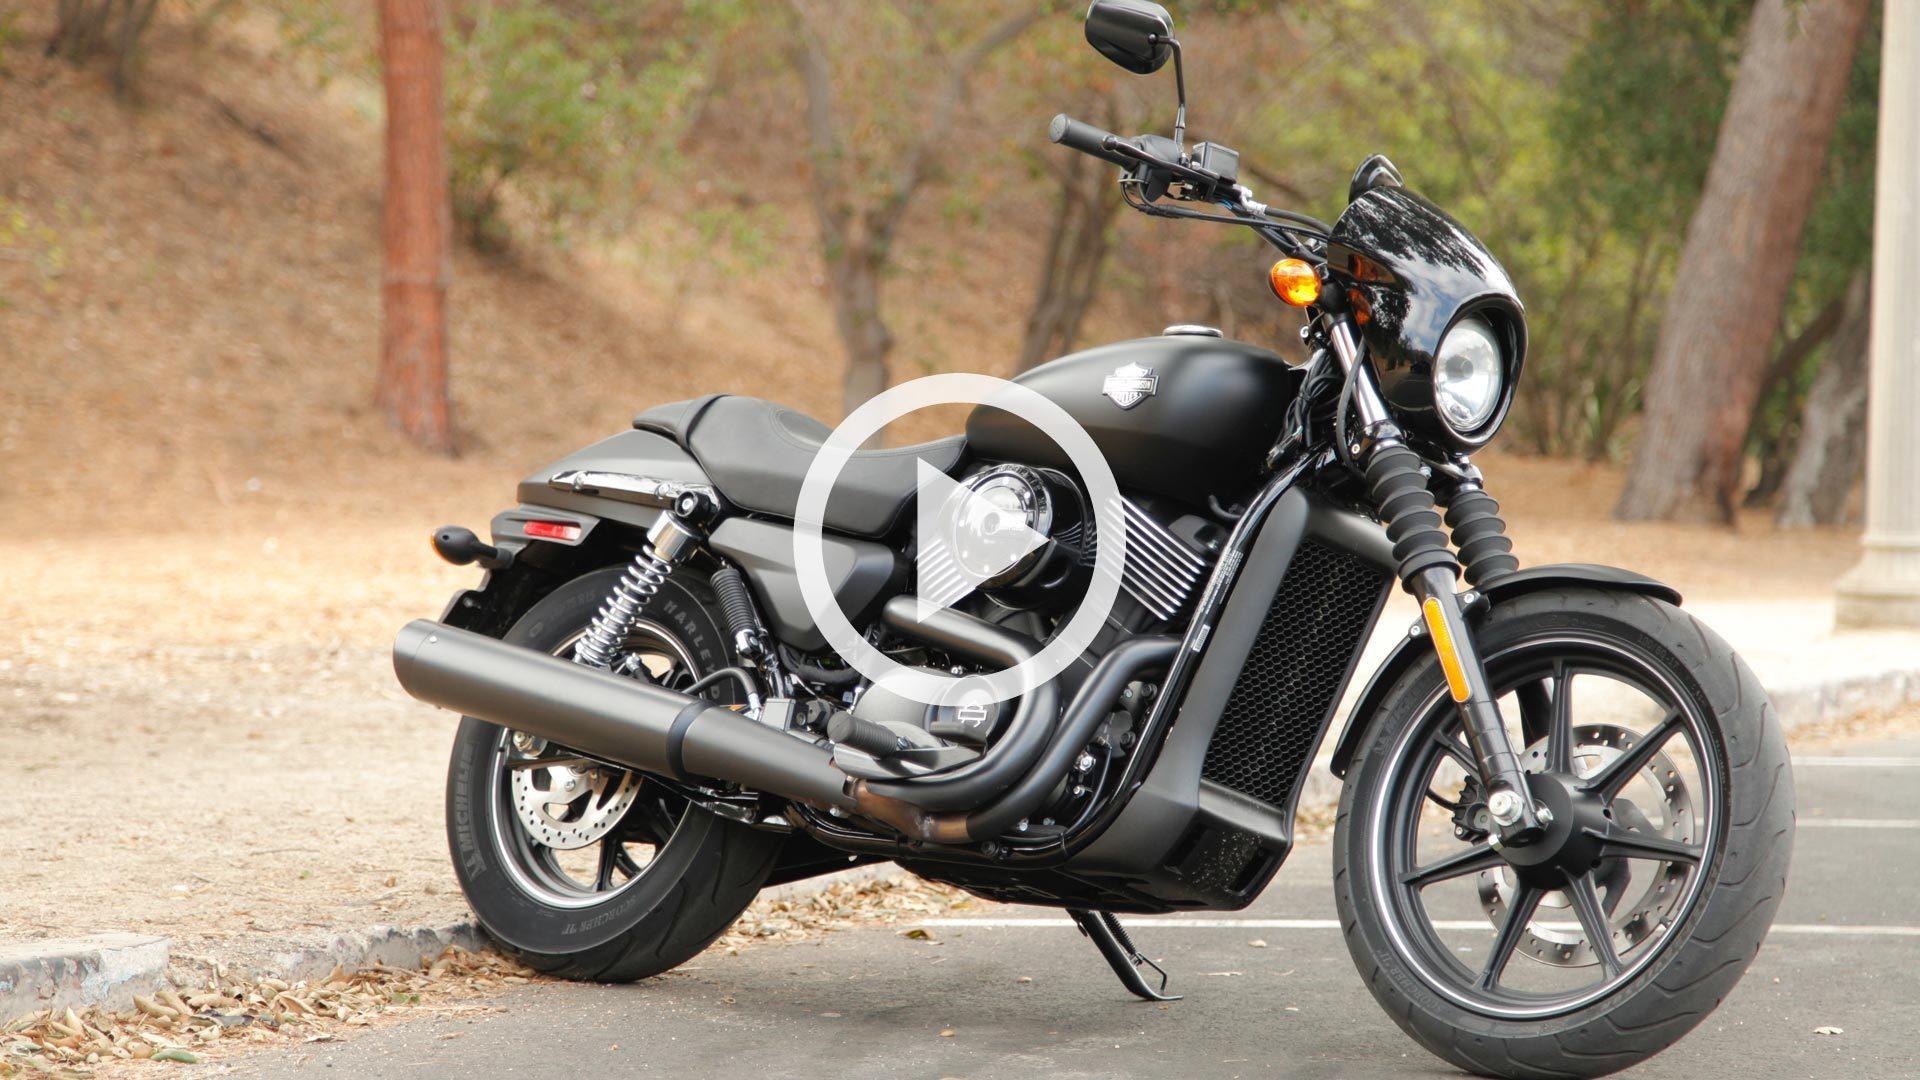 Harley Davidson For Sale In Kerala